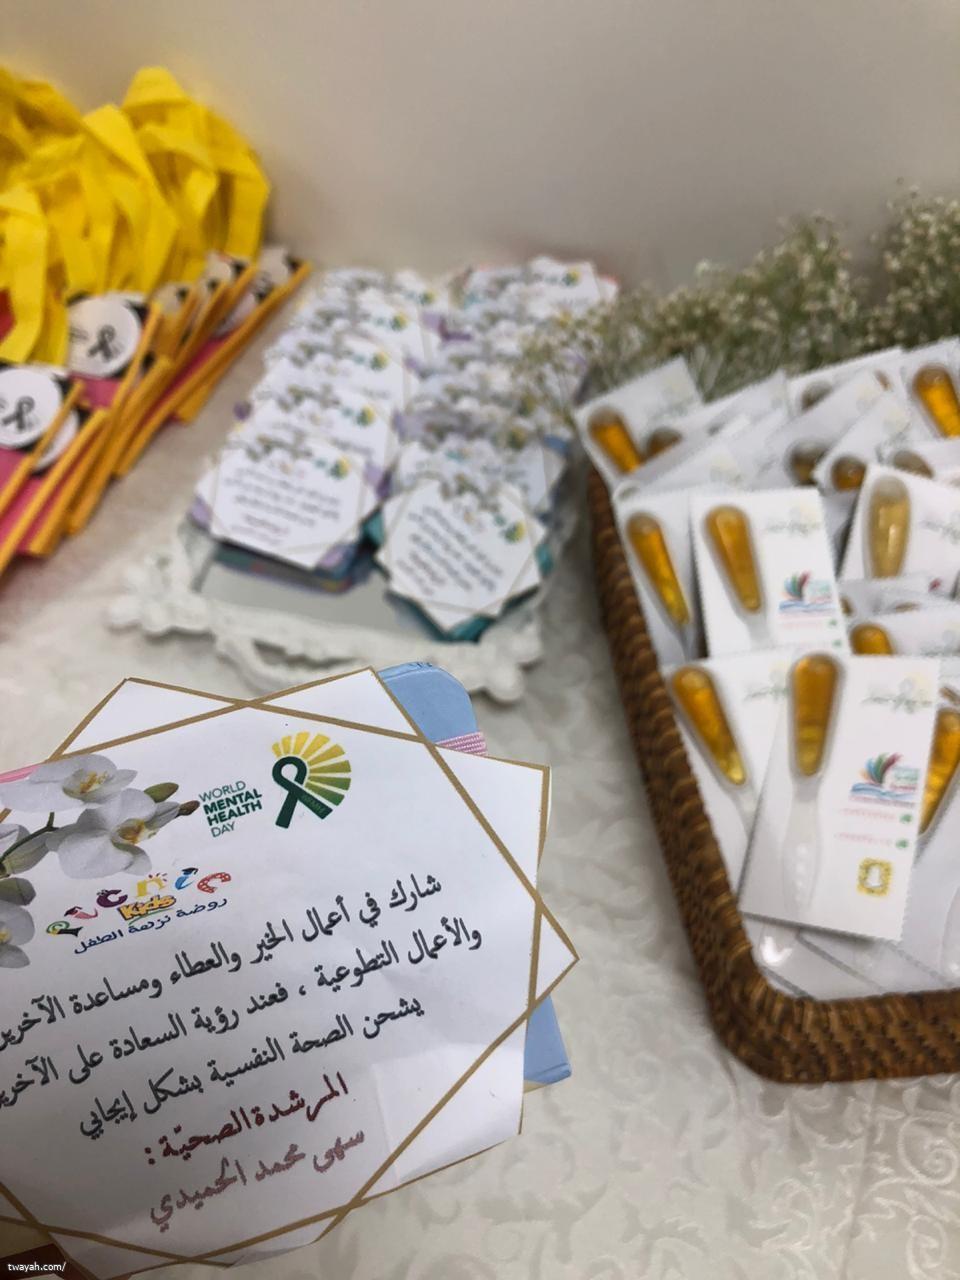 ندوة معاً لمنع الانتحار بمدارس عبدالرحمن فقية النموذجية